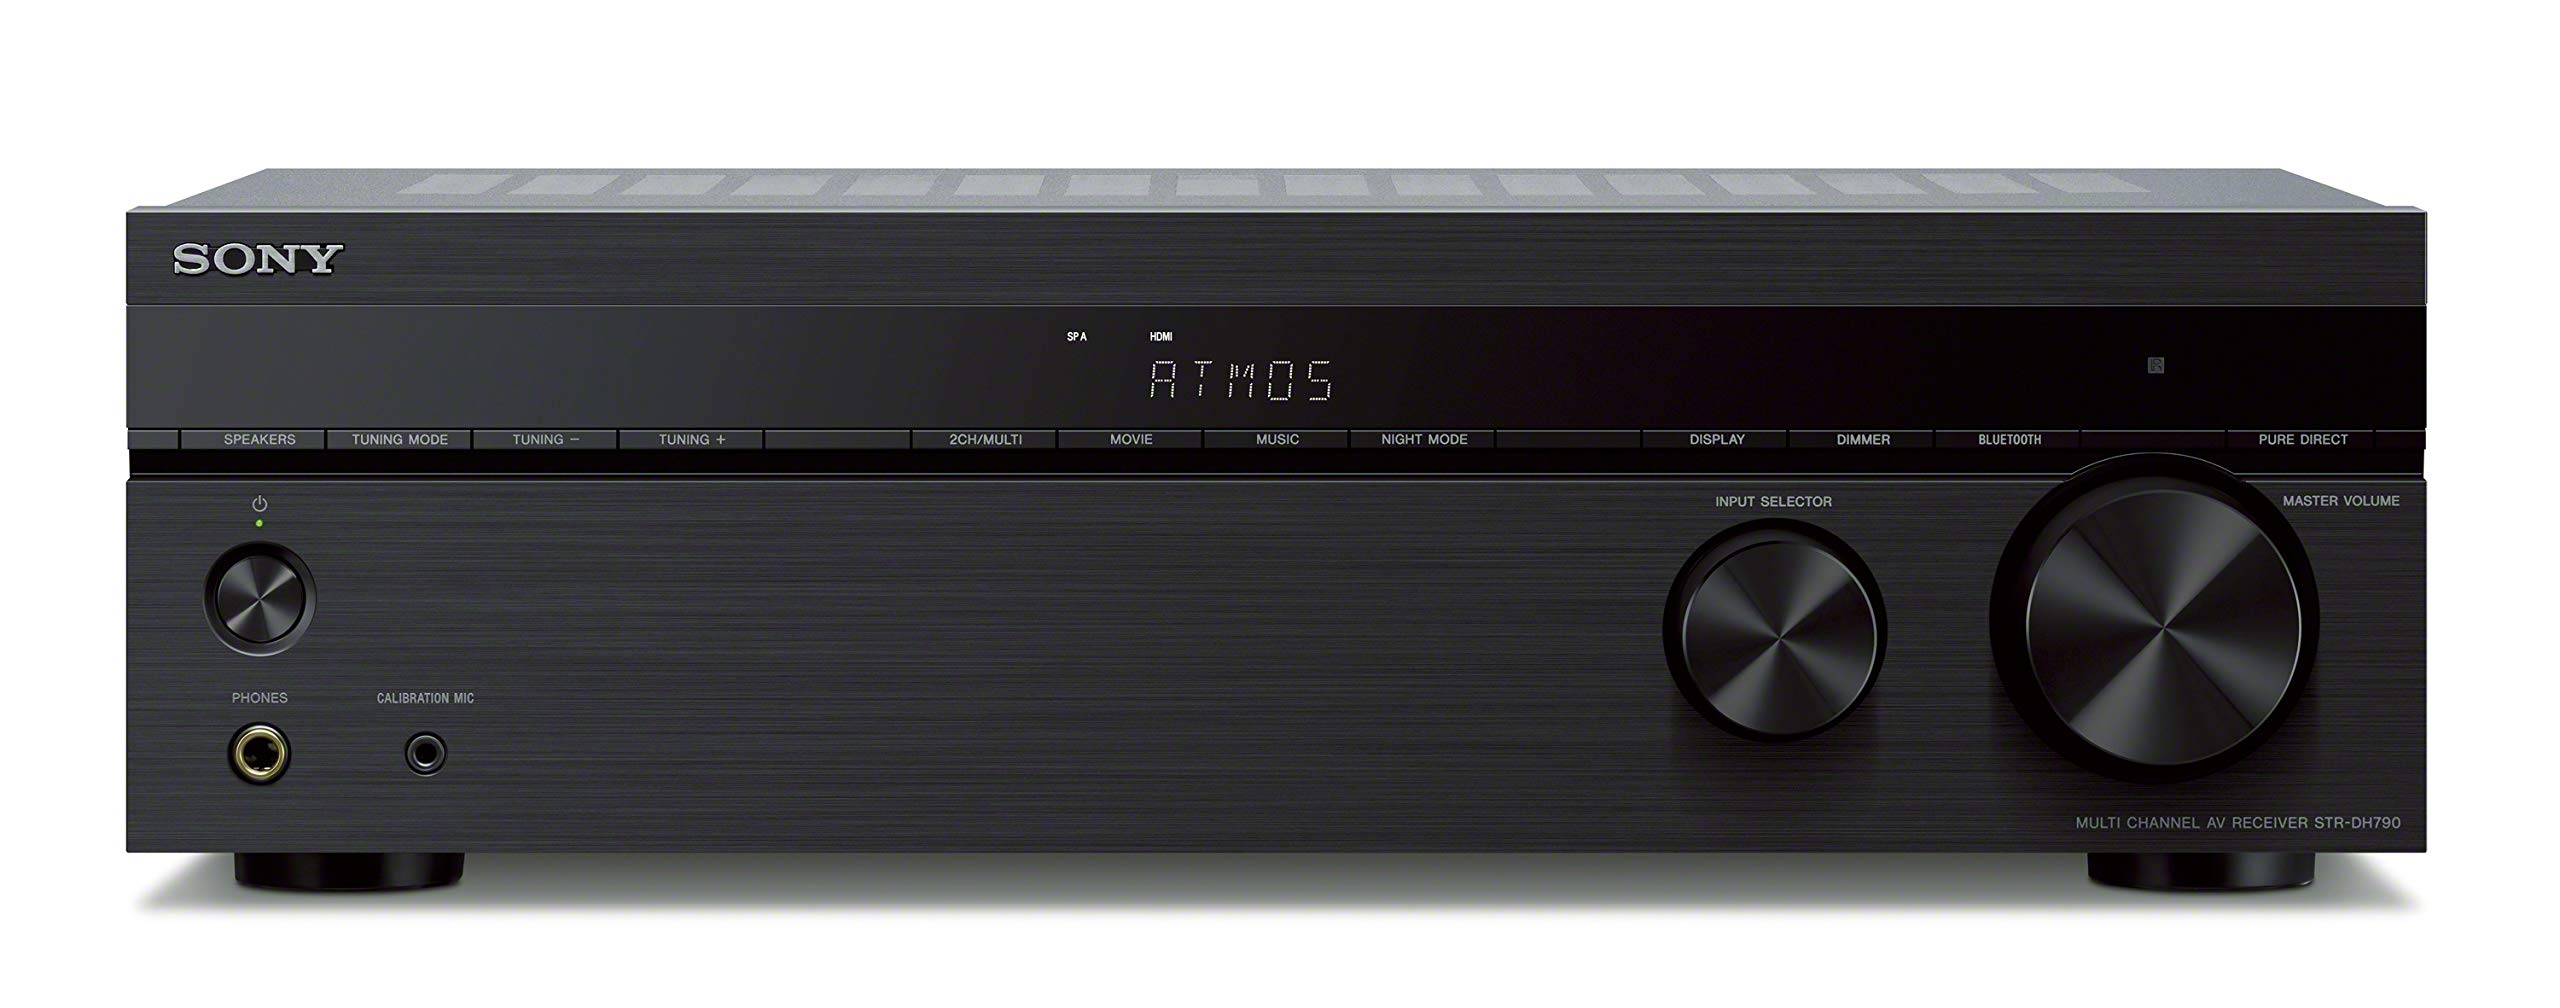 Sony STR-DH790 7.2 Channel AV Receiver - Black (Renewed)